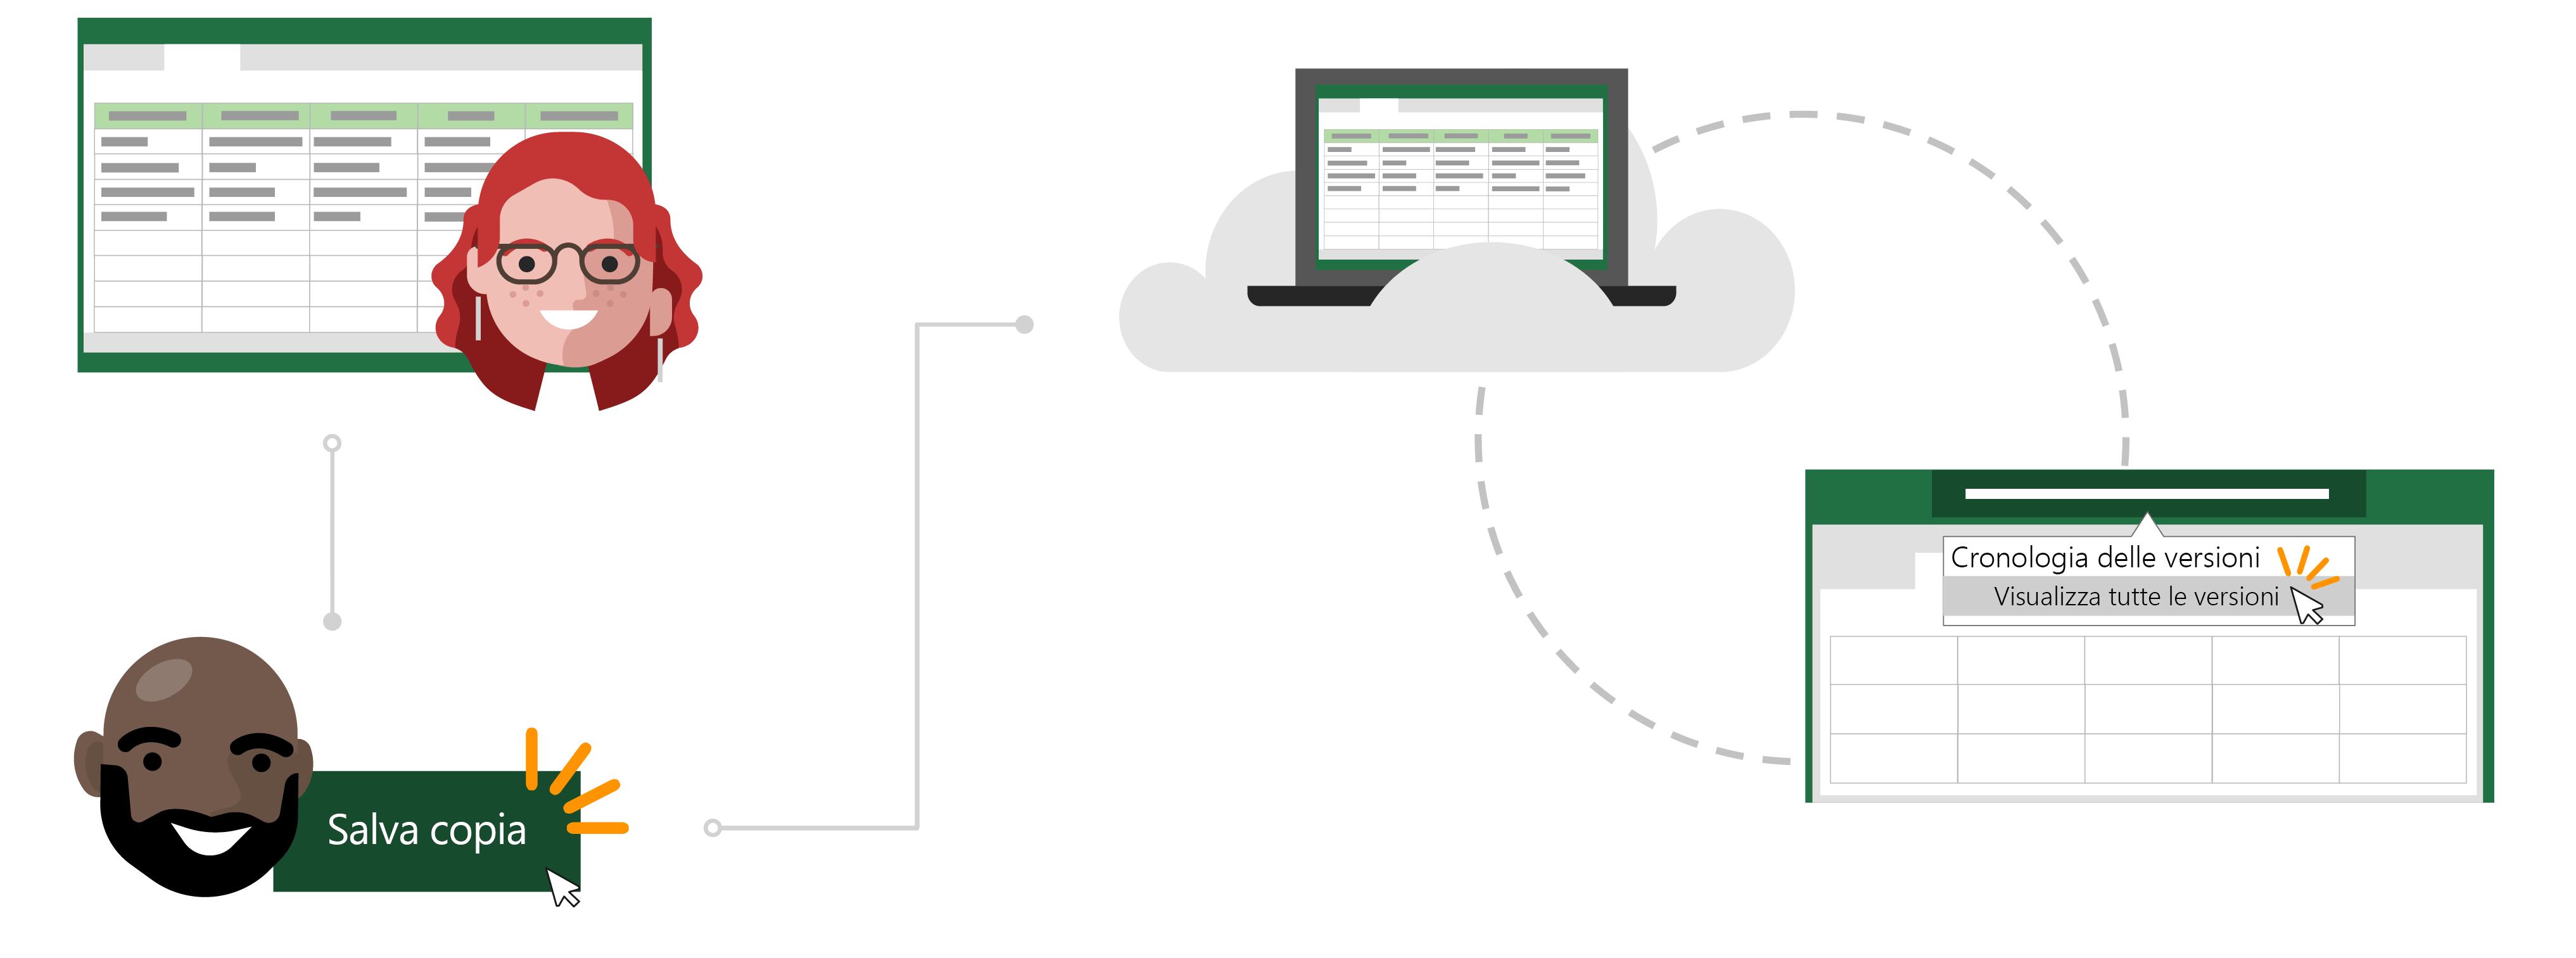 Usare un file esistente nel cloud come modello per un nuovo file usando Salva una copia.